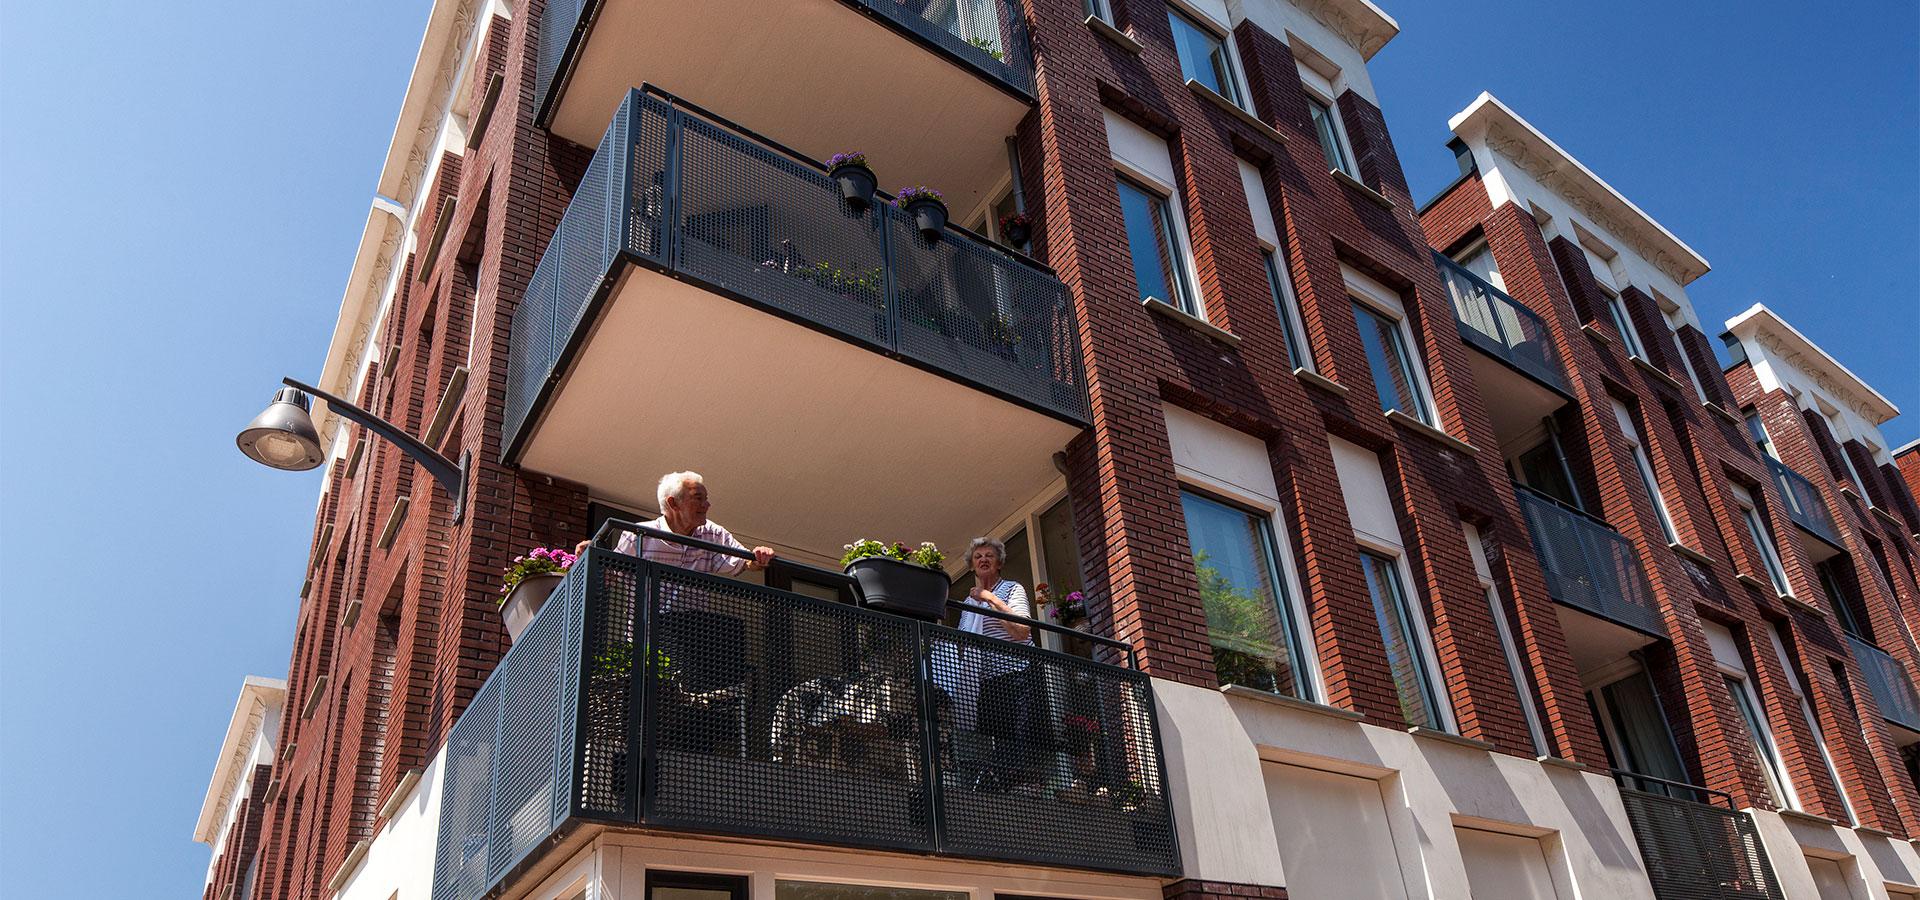 FARO architecten herstructurering Oud IJmuiden 06